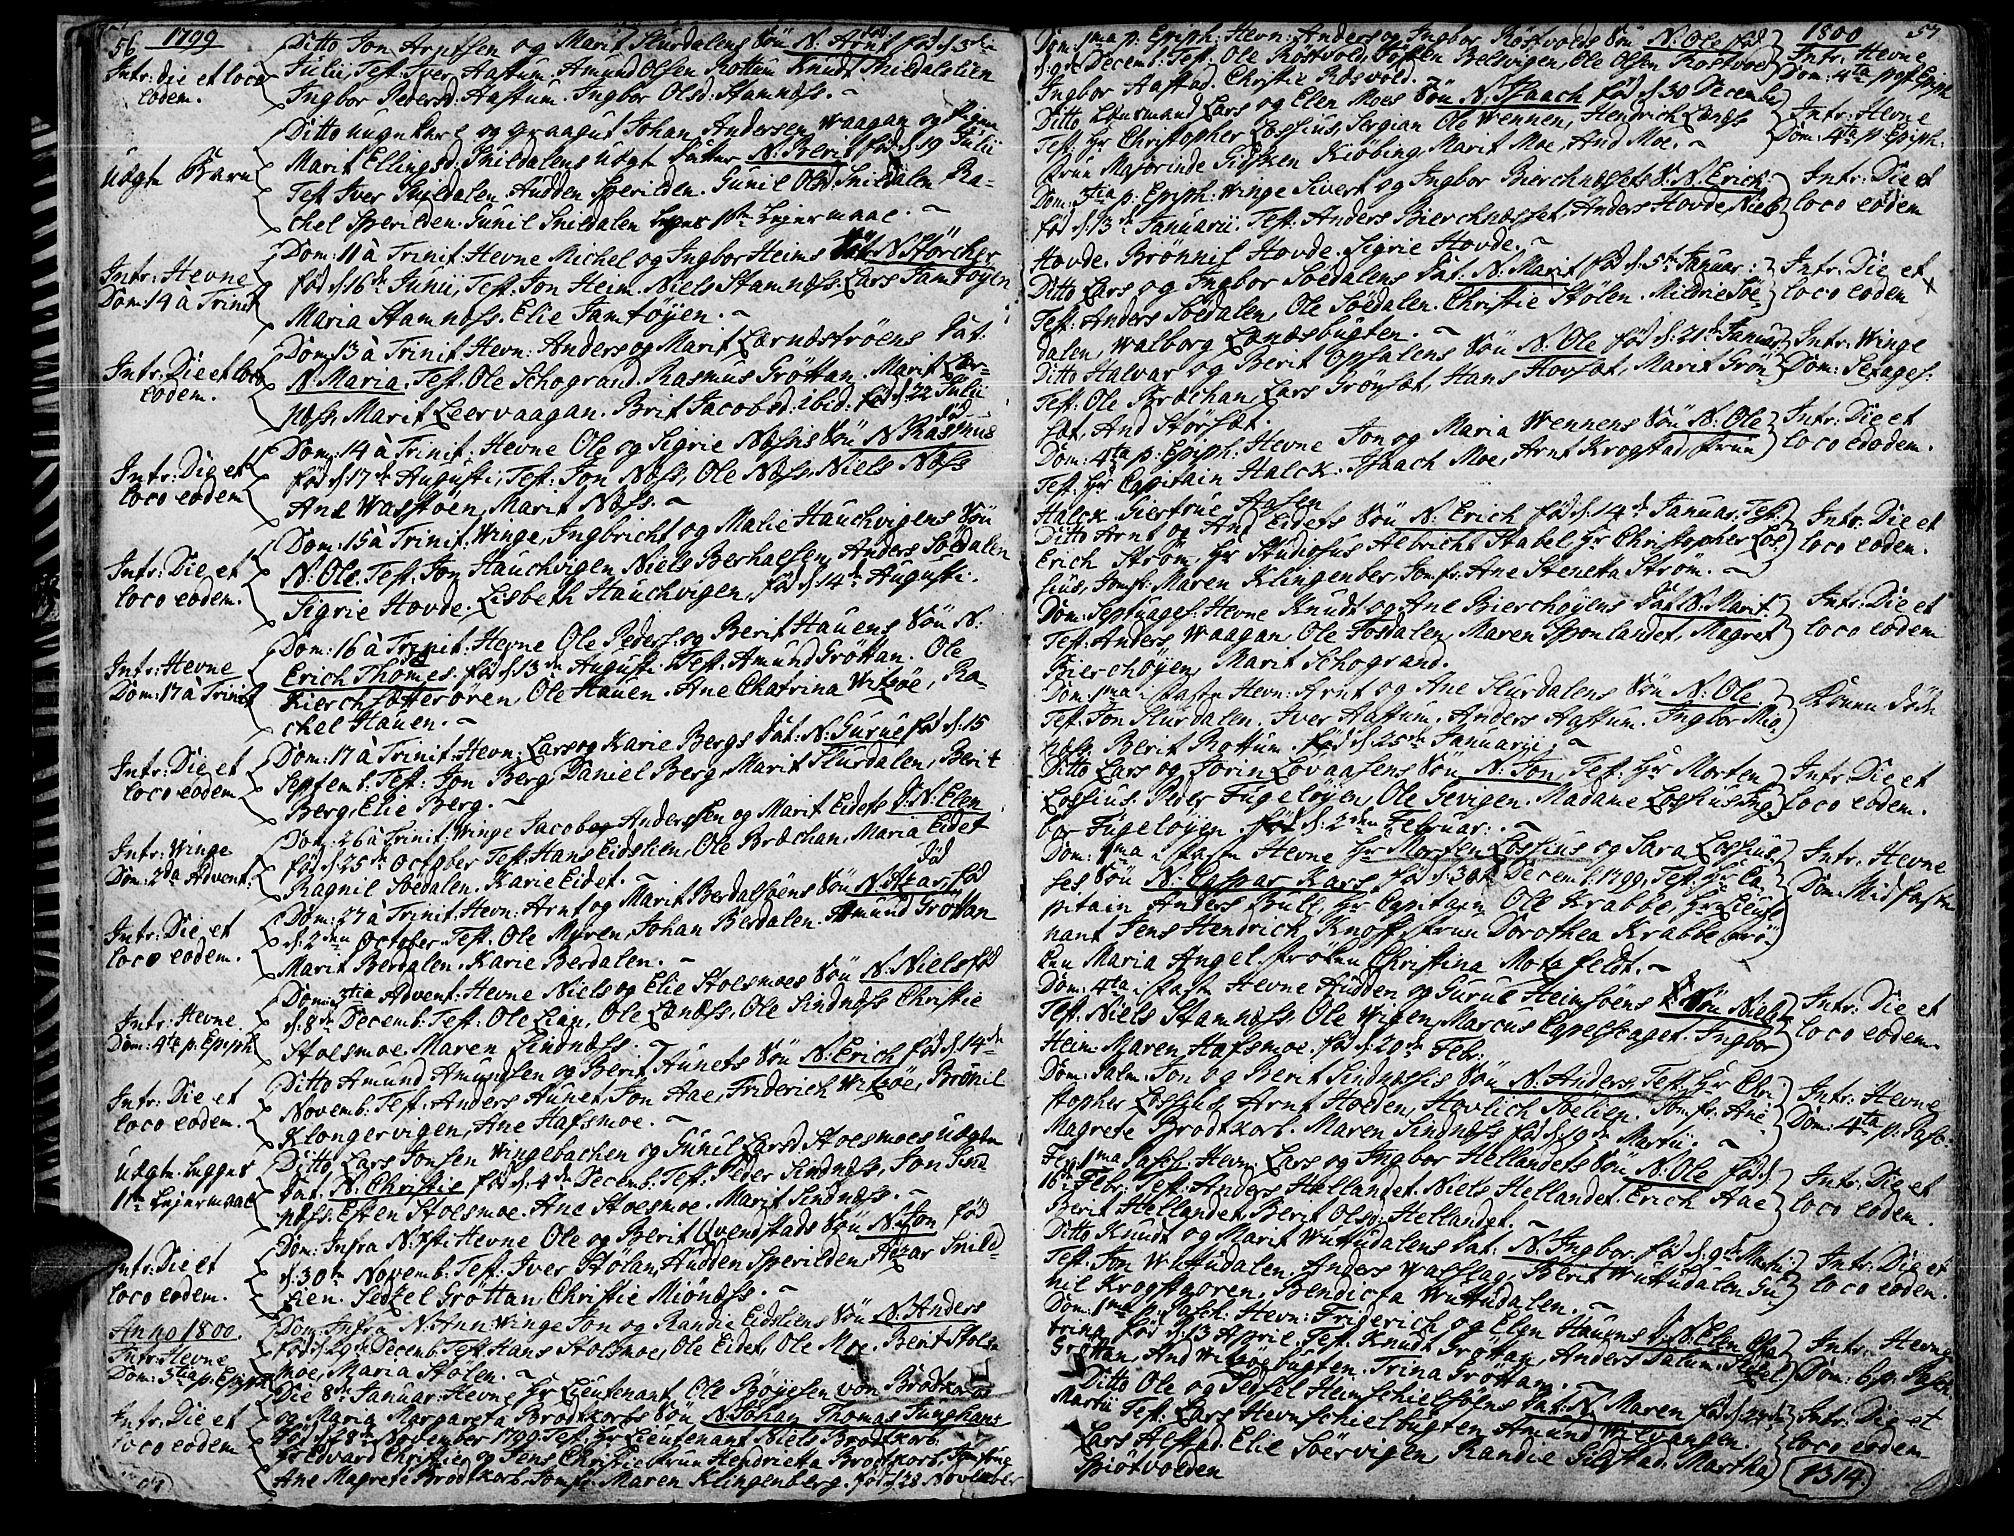 SAT, Ministerialprotokoller, klokkerbøker og fødselsregistre - Sør-Trøndelag, 630/L0490: Ministerialbok nr. 630A03, 1795-1818, s. 56-57